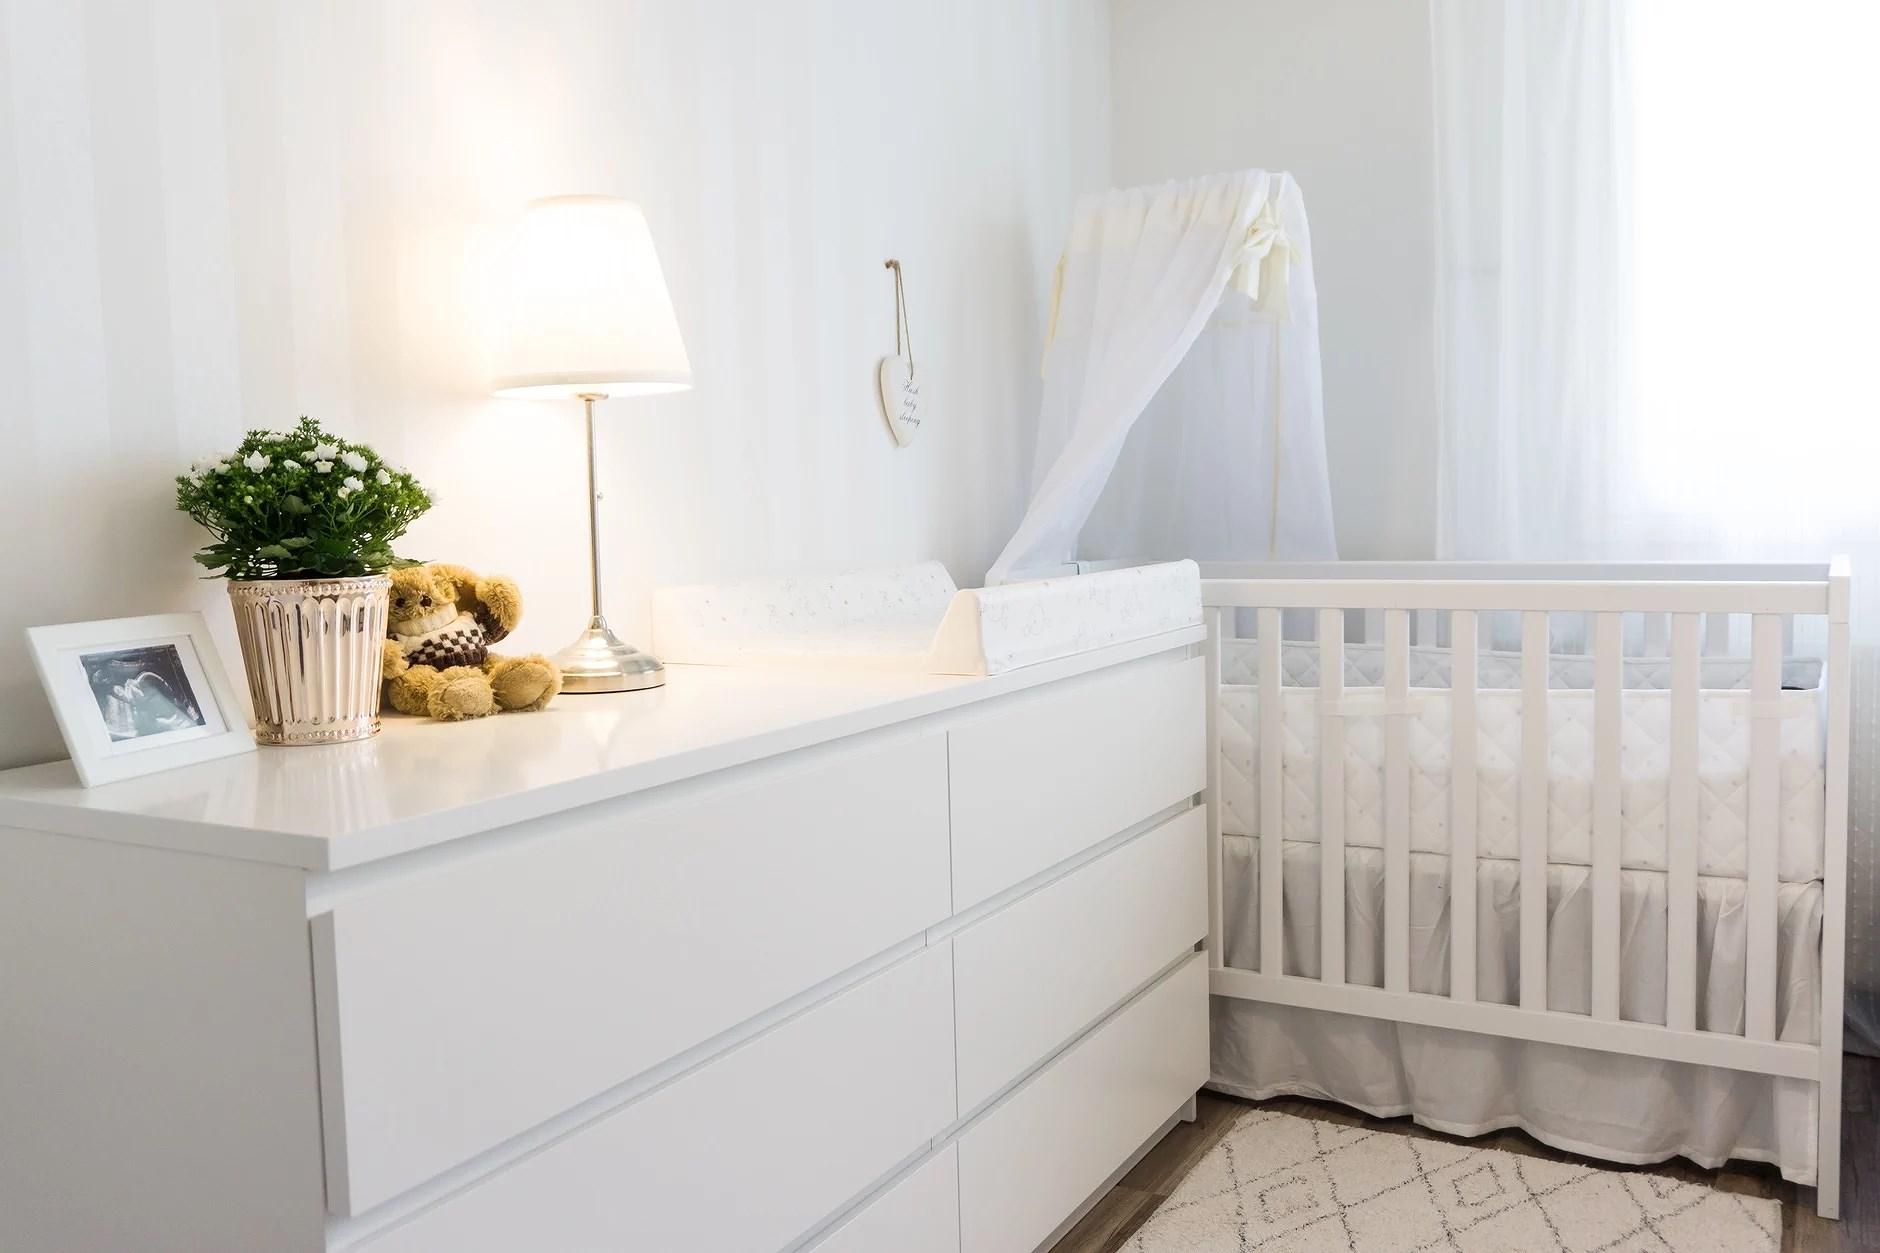 Vauvan nurkkaus ja hoitopöydän sisältö